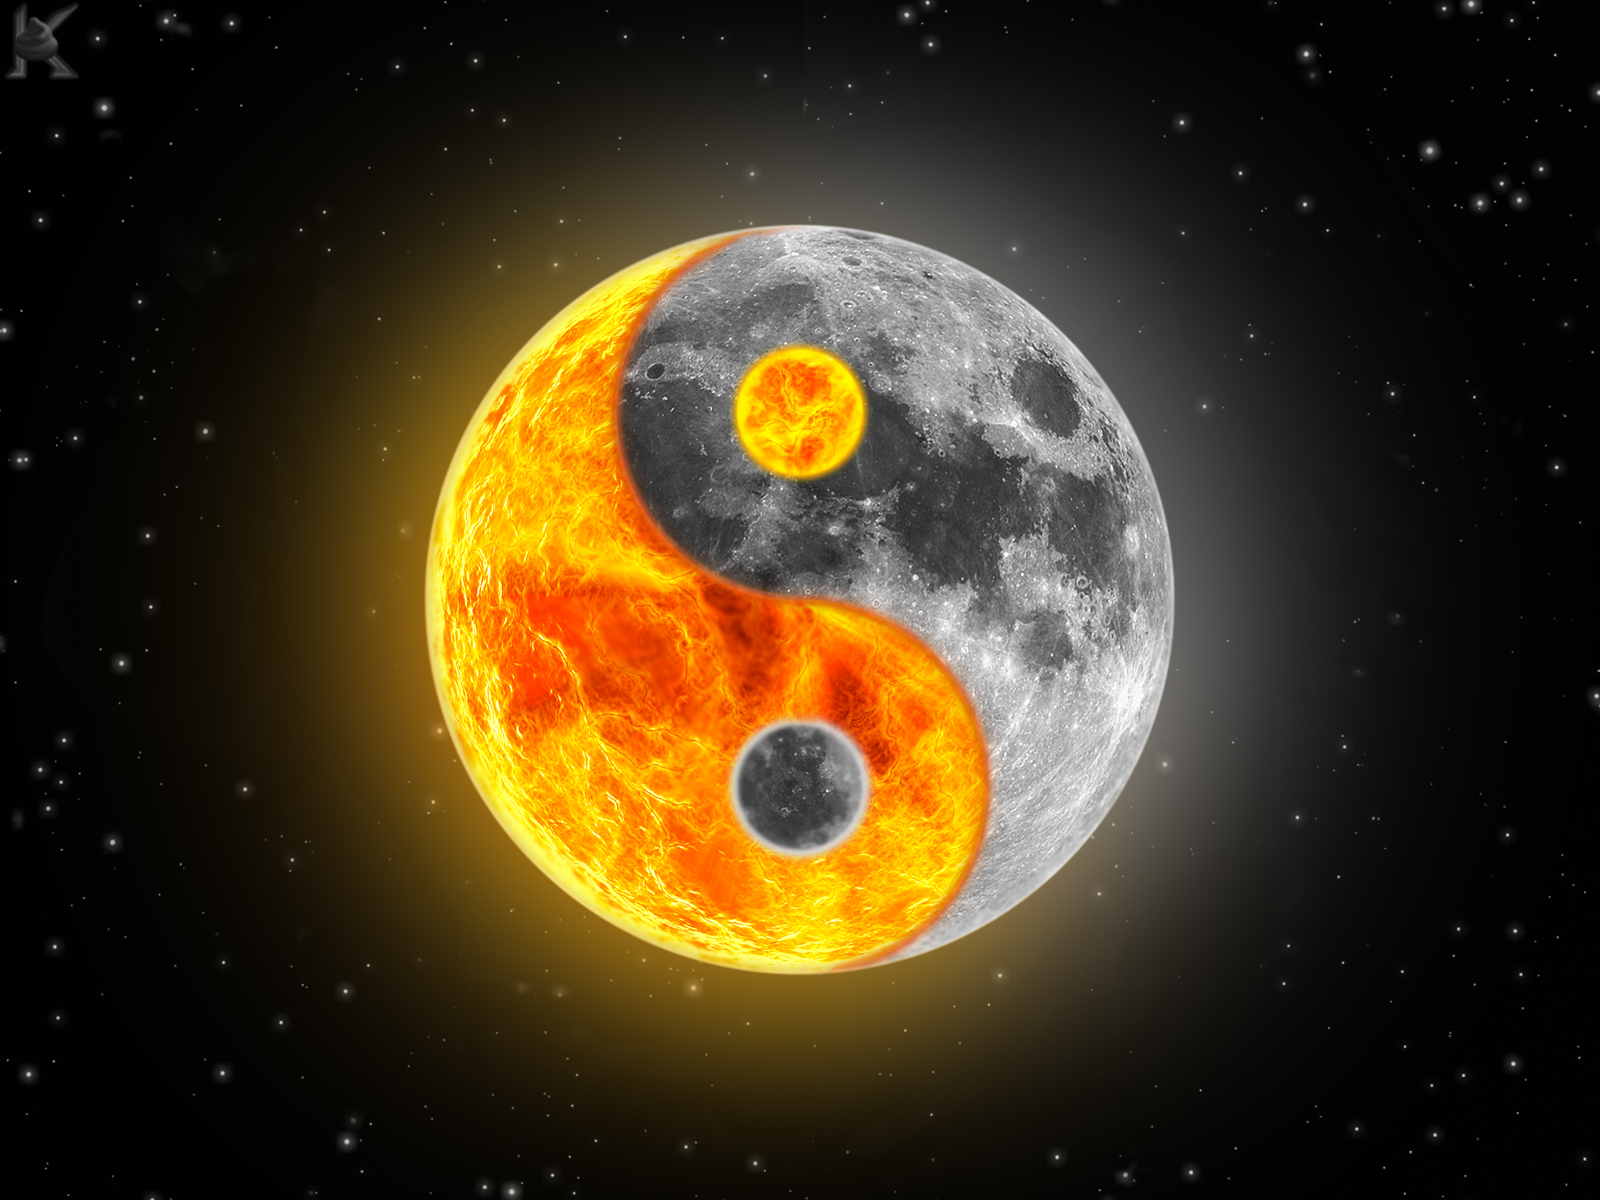 http://4.bp.blogspot.com/-7IzIzZVEUHI/Tlb7NJXyNqI/AAAAAAAAAp4/VRO0gx9pDag/s1600/www.Vvallpaper.net_ying_yang_sensei_planet_moon_highf_definition_ekinoks_love.jpg